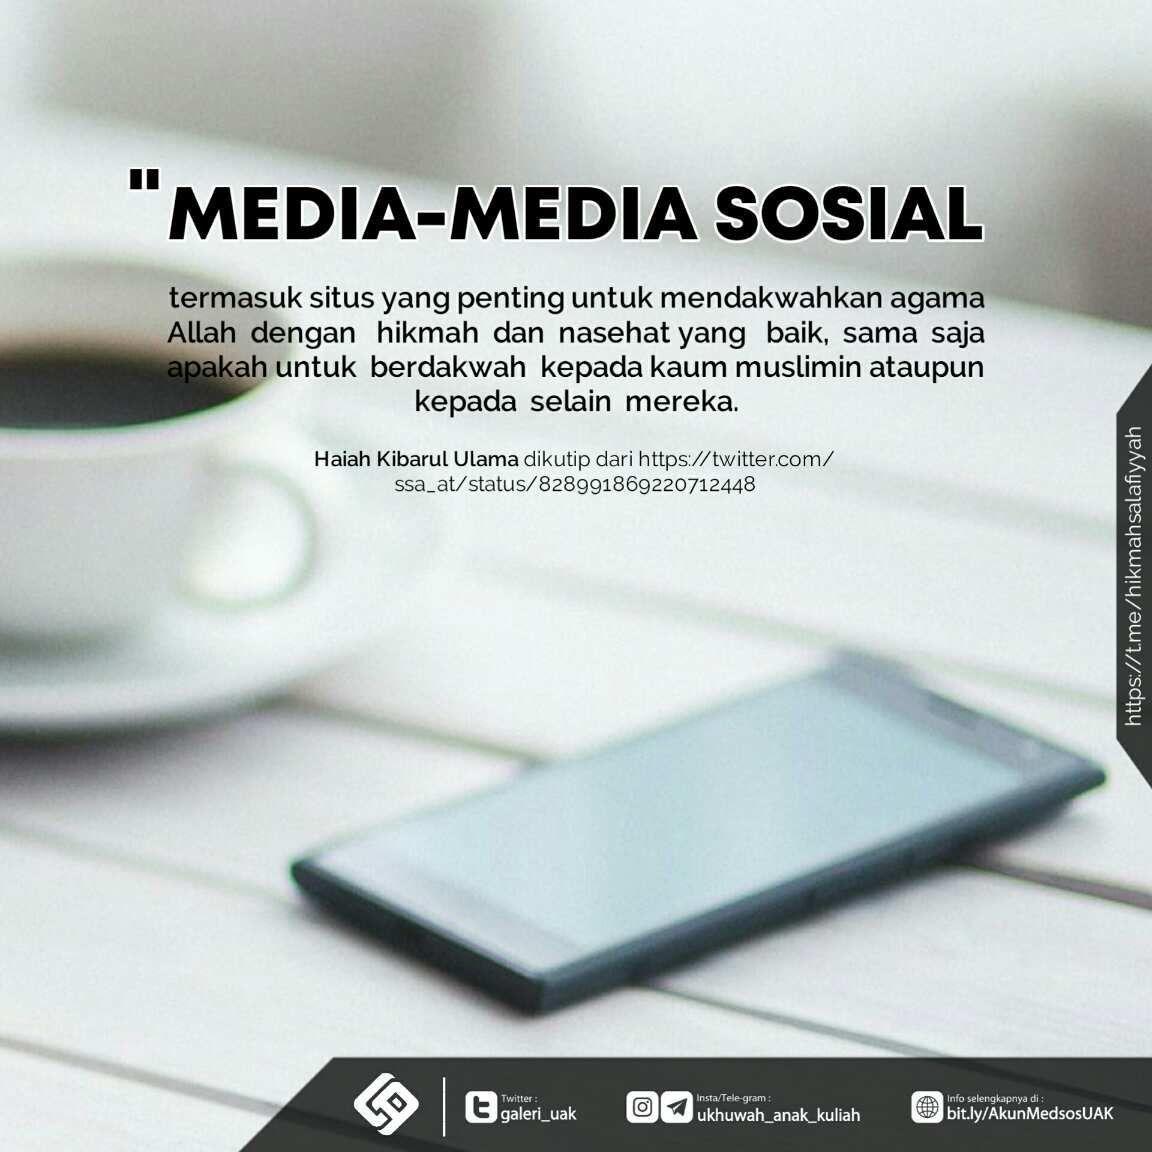 Media Media Sosial Galeri Uak